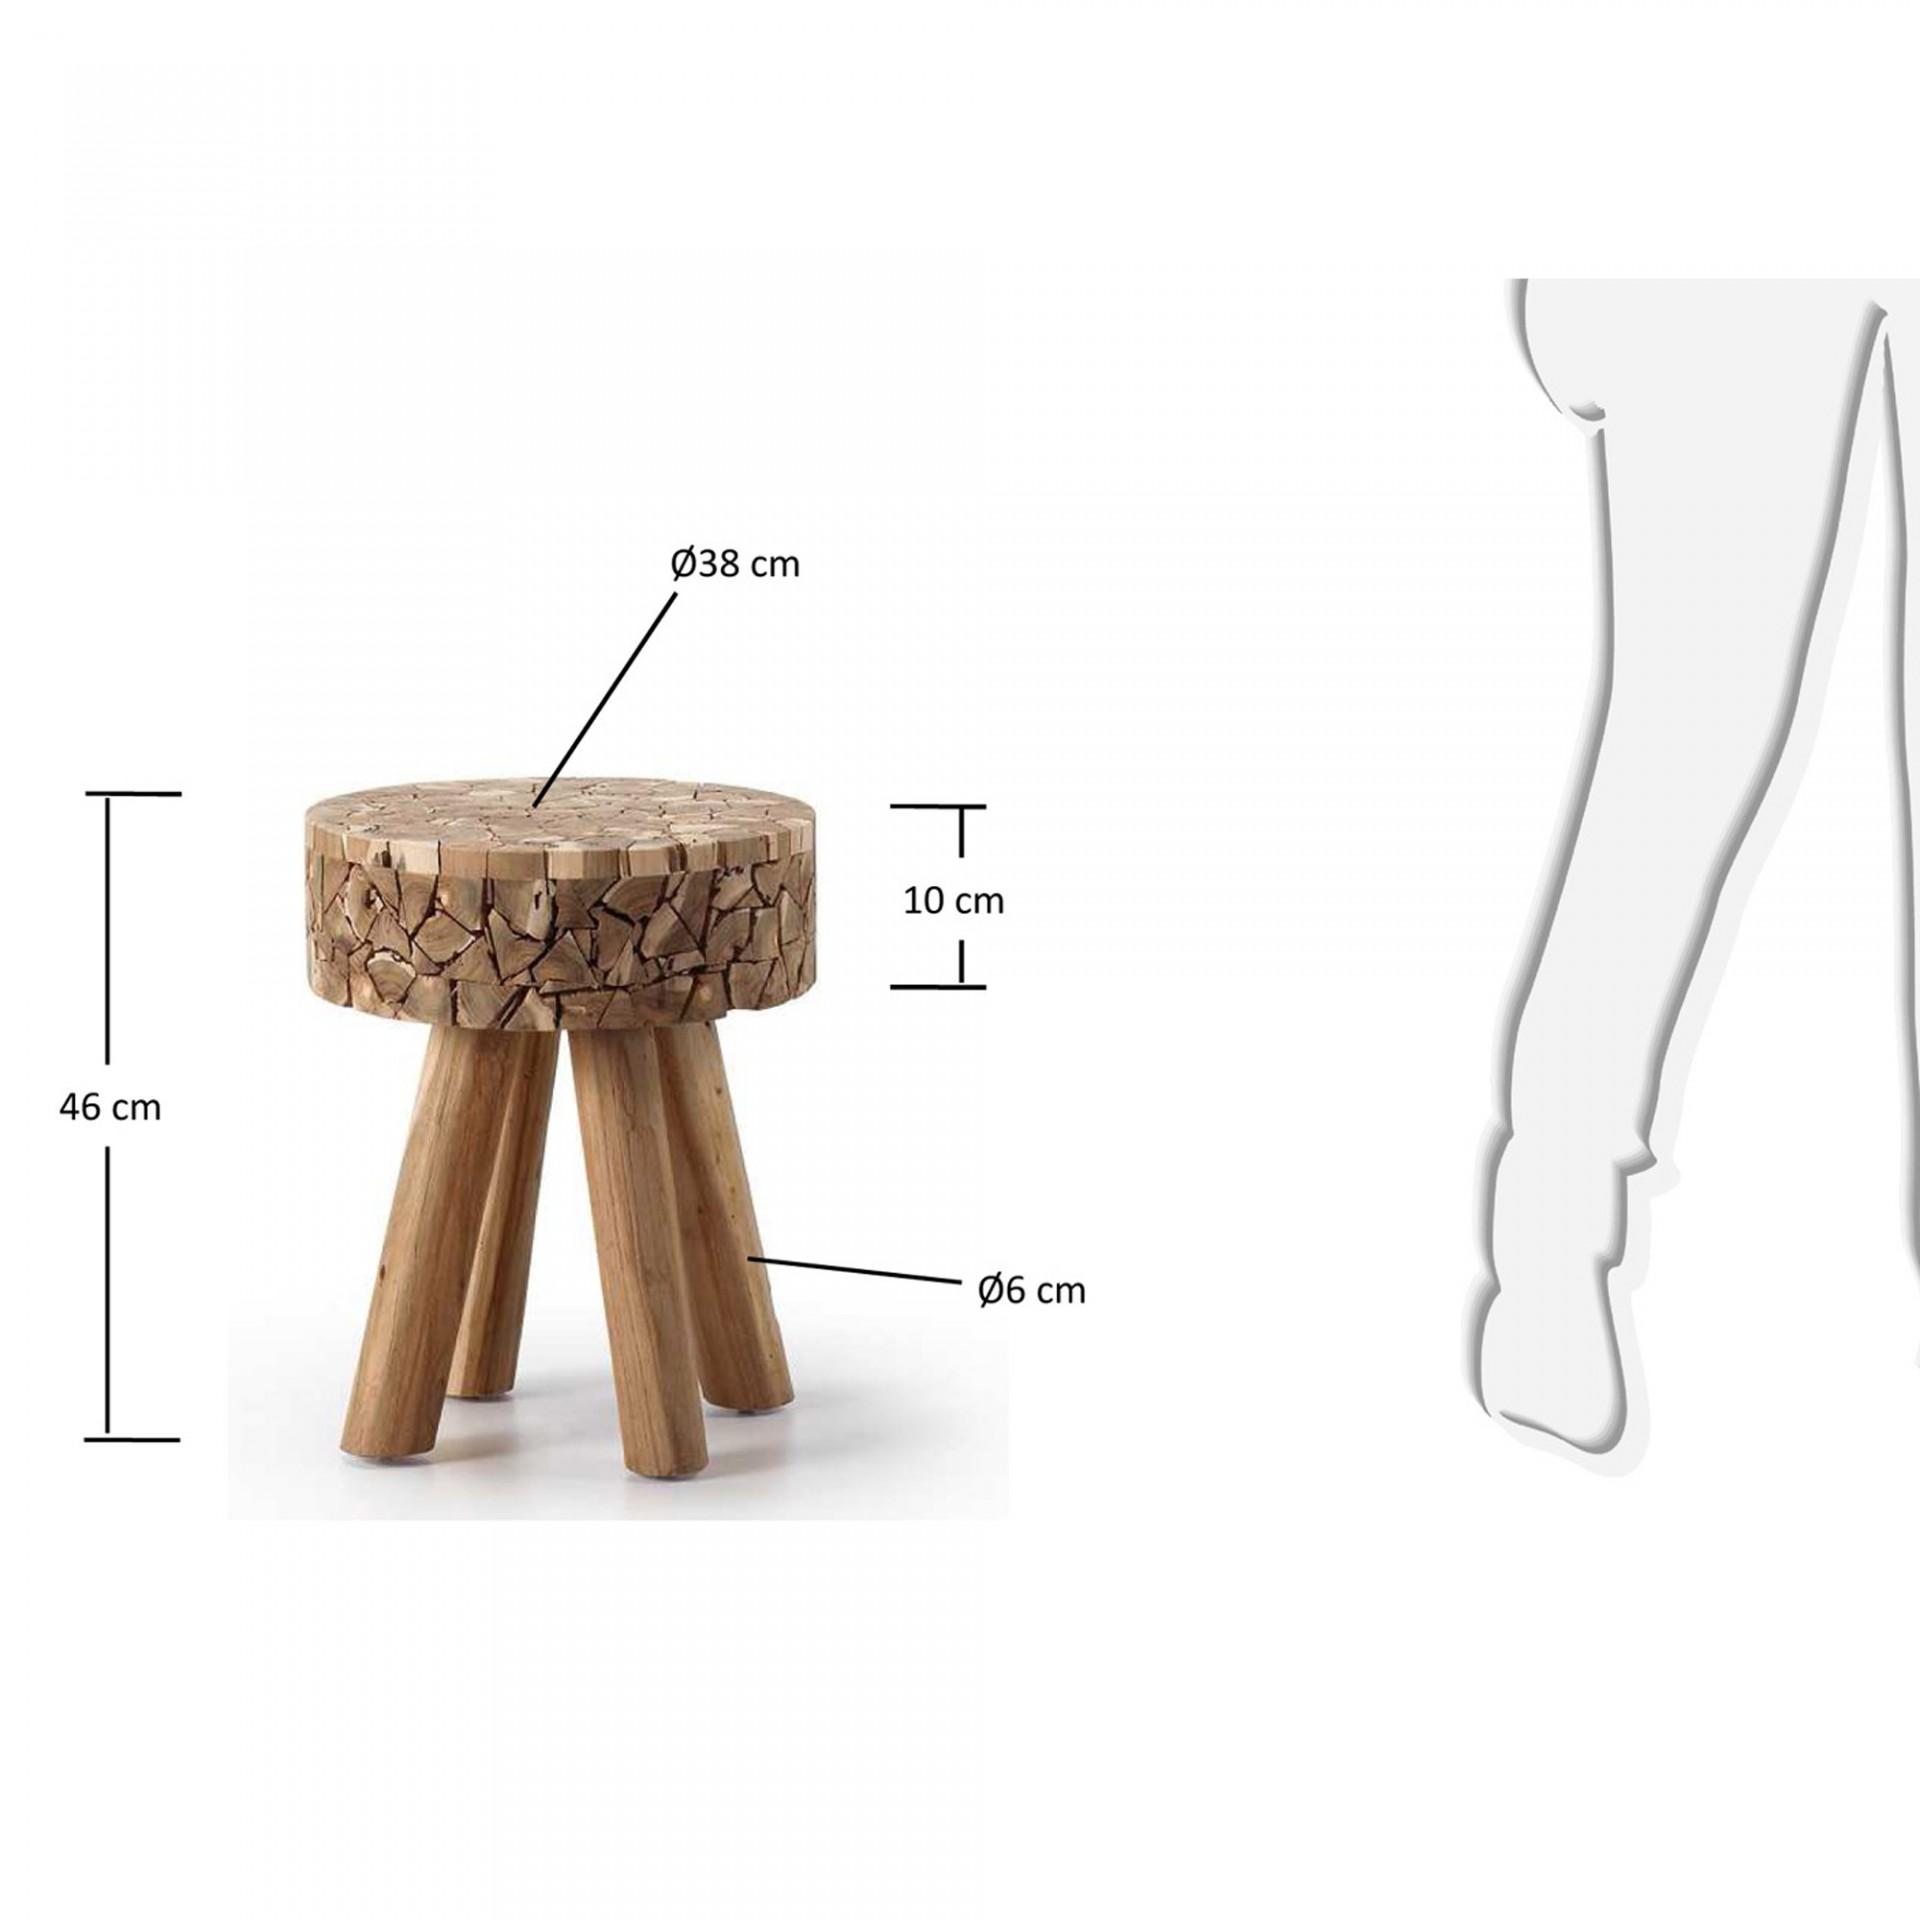 Mesa de apoio em madeira teca natural, Ø38x46 cm